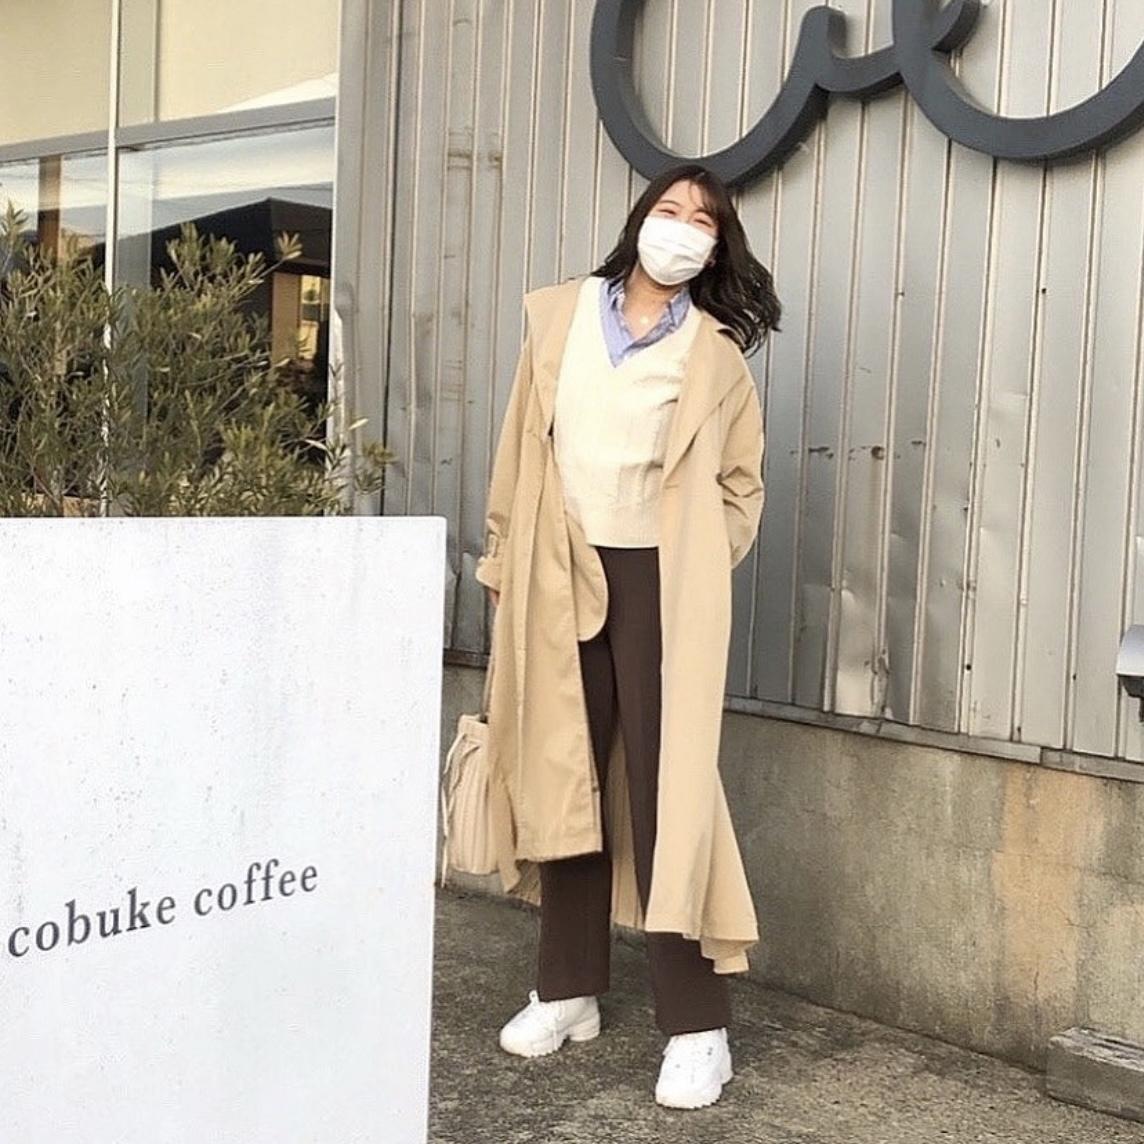 【千葉カフェ】cobuke coffeeに行ってきました!_1_2